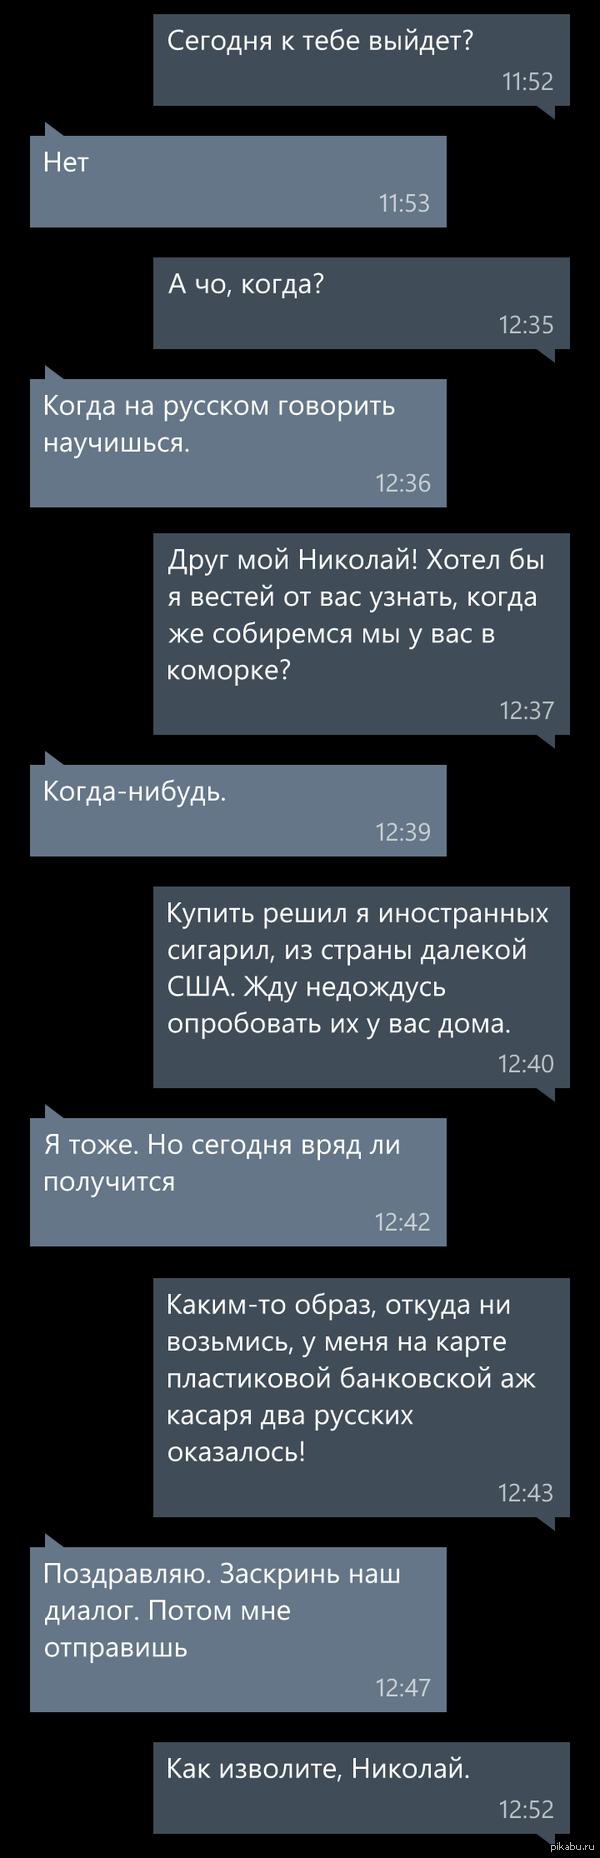 Когда на русском разговаривать научишься. Не ахти, но забавно вышло)